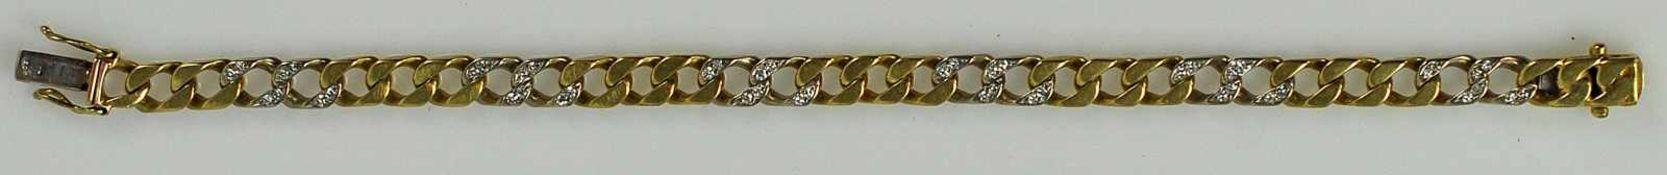 DIAMANTARMBAND bicolor, Panzerband mit Gelbgoldgliedern im Wechsel mit diamantbesetzten